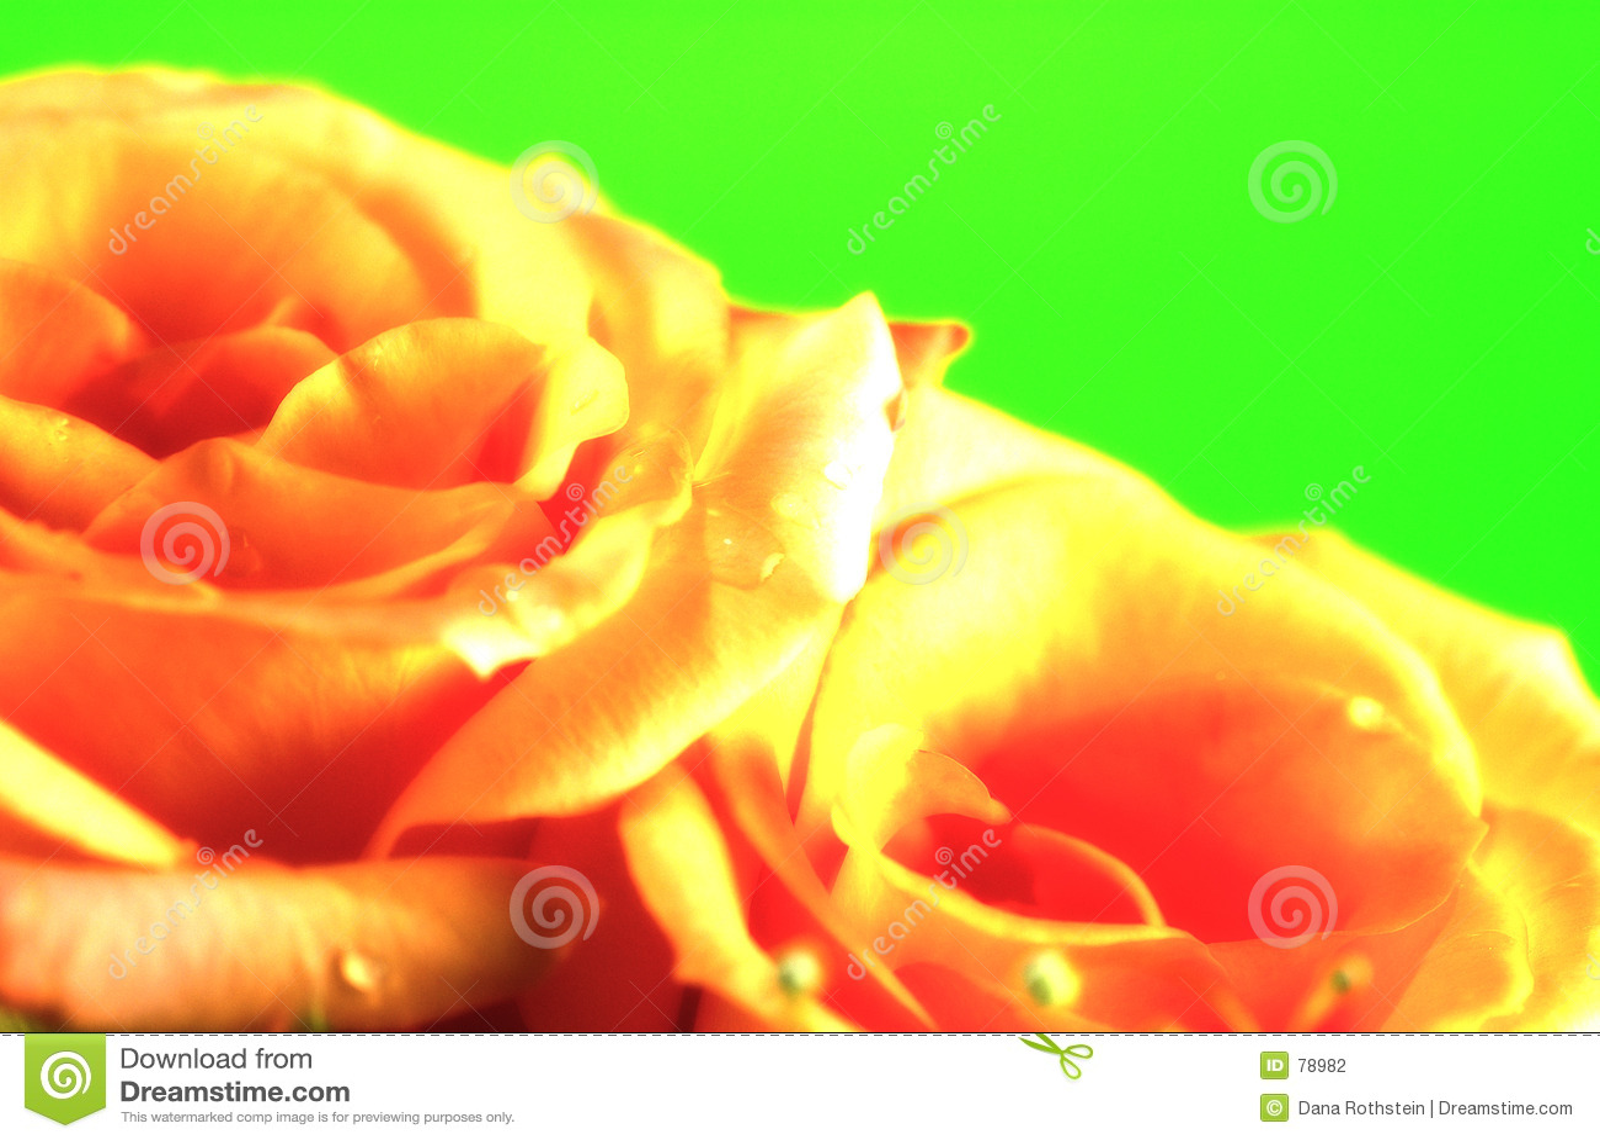 Rose,